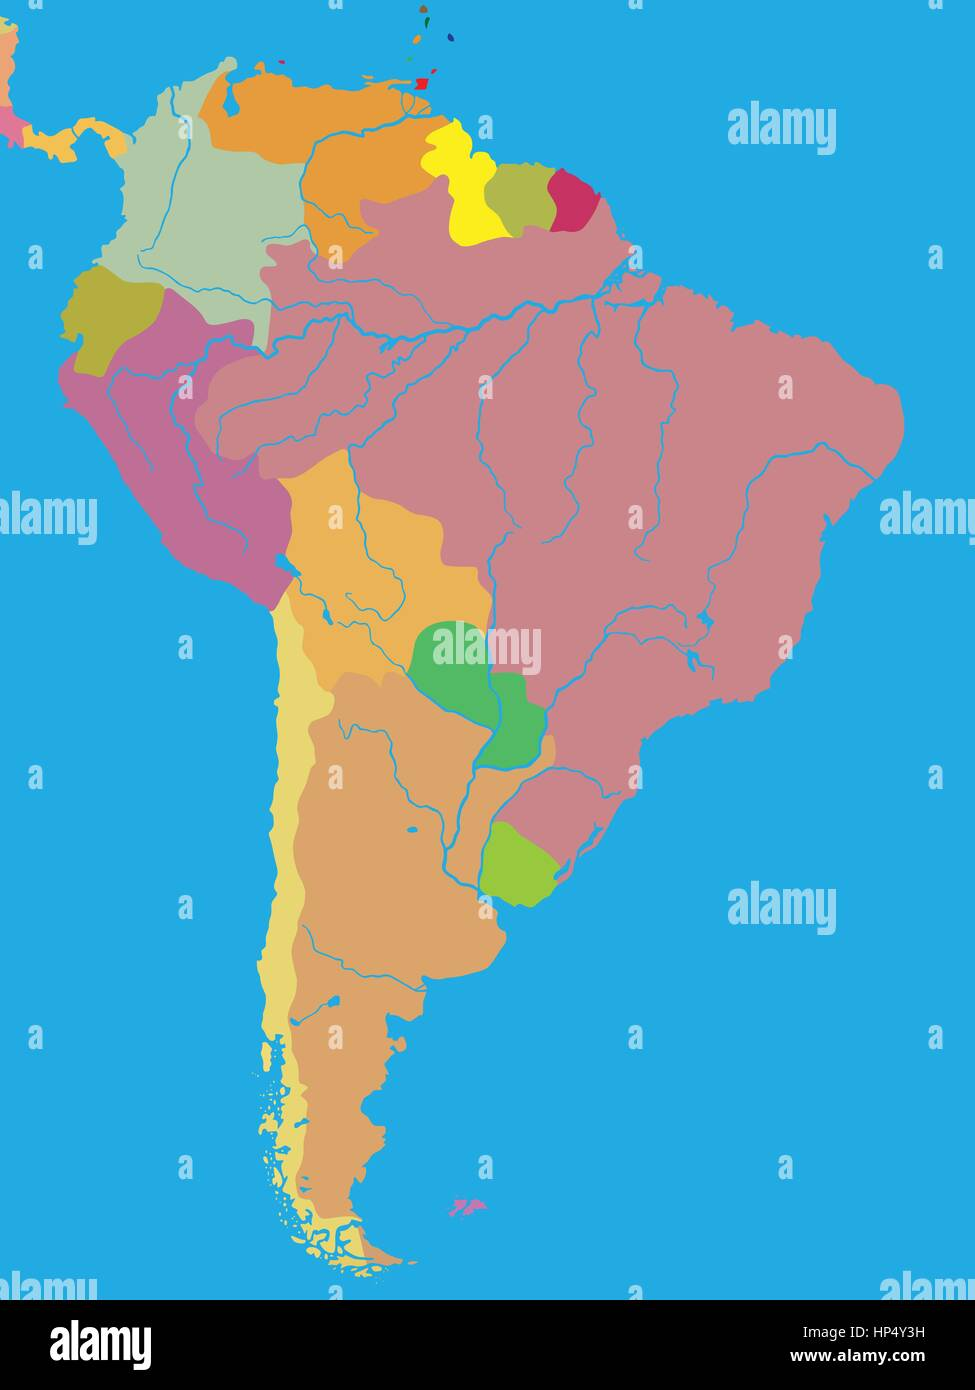 Südamerika Karte Länder.Farbe Politische Karte Von Südamerika Mit Grenzen Der Länder Vektor